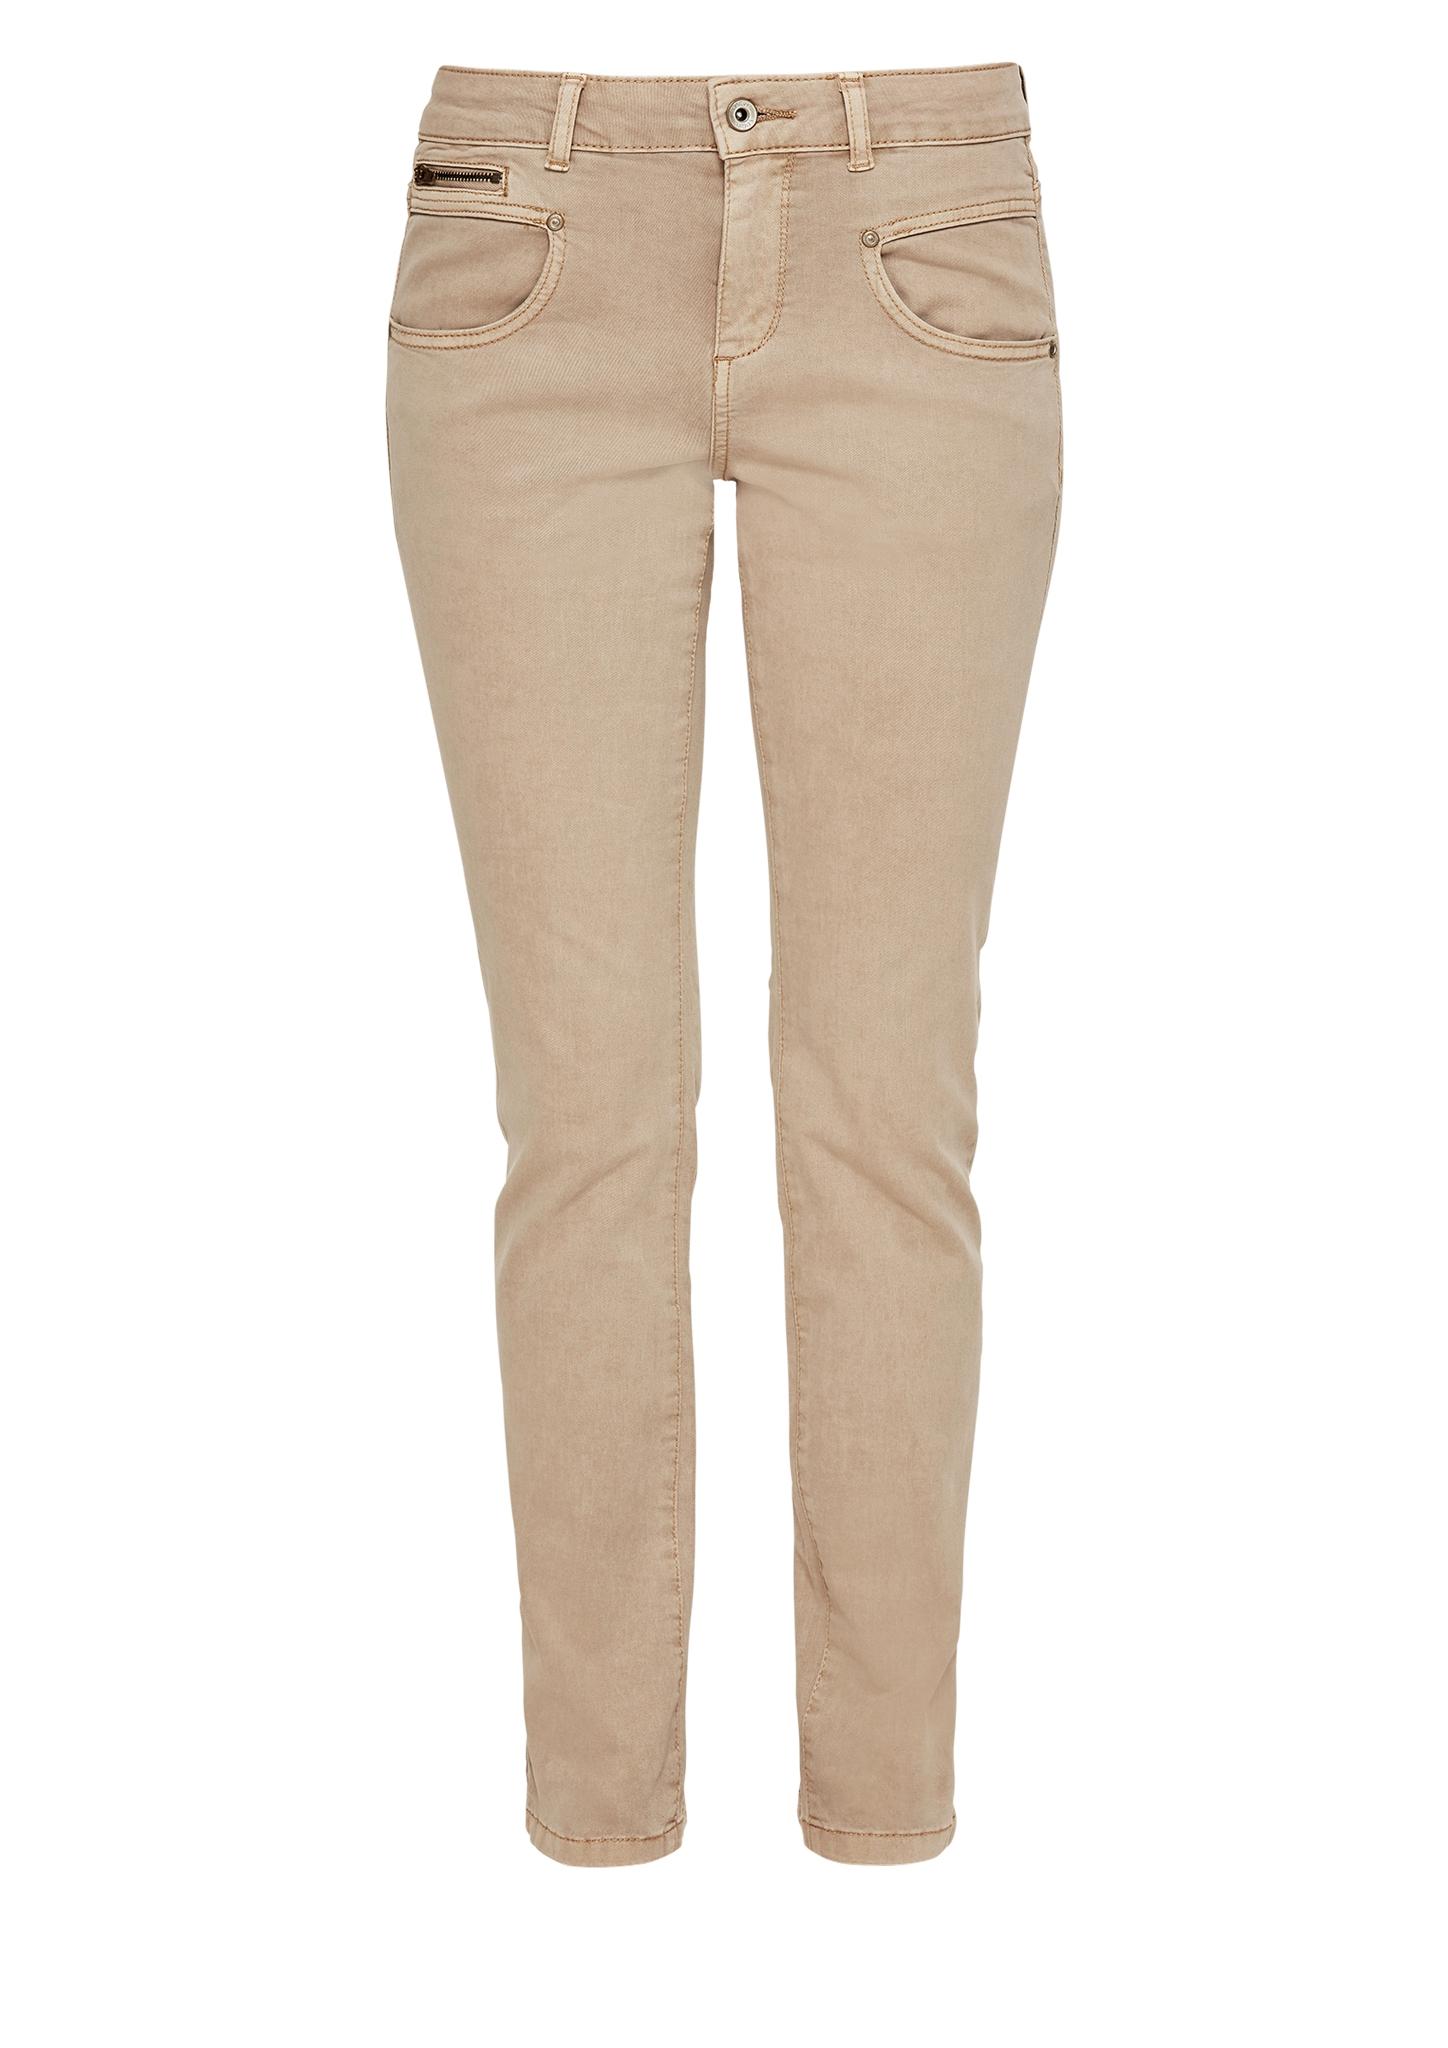 Sonstige Jeans für Damen online kaufen   Damenmode-Suchmaschine ... 2ec30bd544